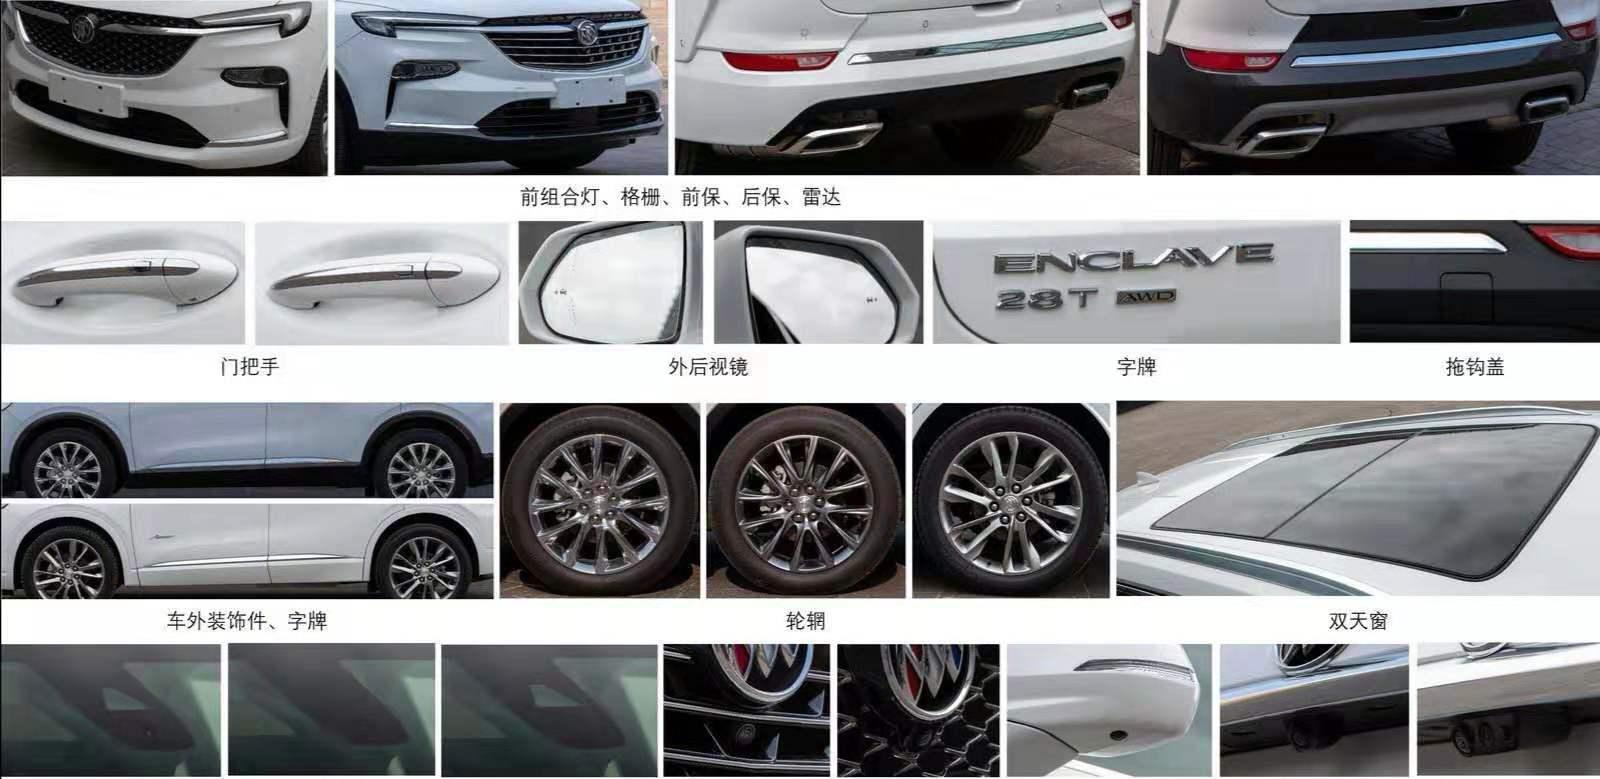 车价查询:定位中大型SUV 别克ENCLAVE申报图曝光